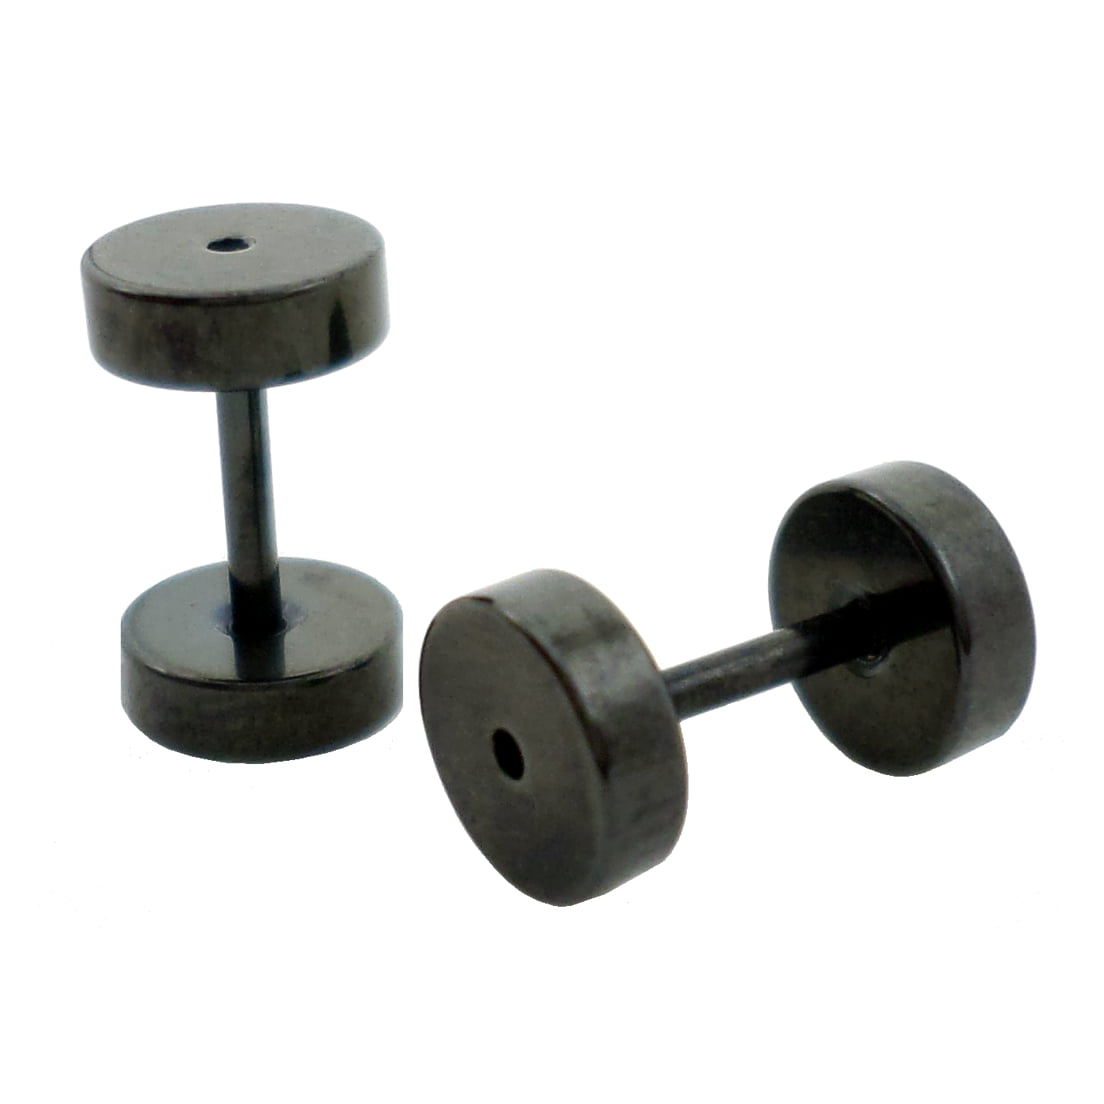 Brinco Masculino Estilo Alargador - 6 mm  (PAR)